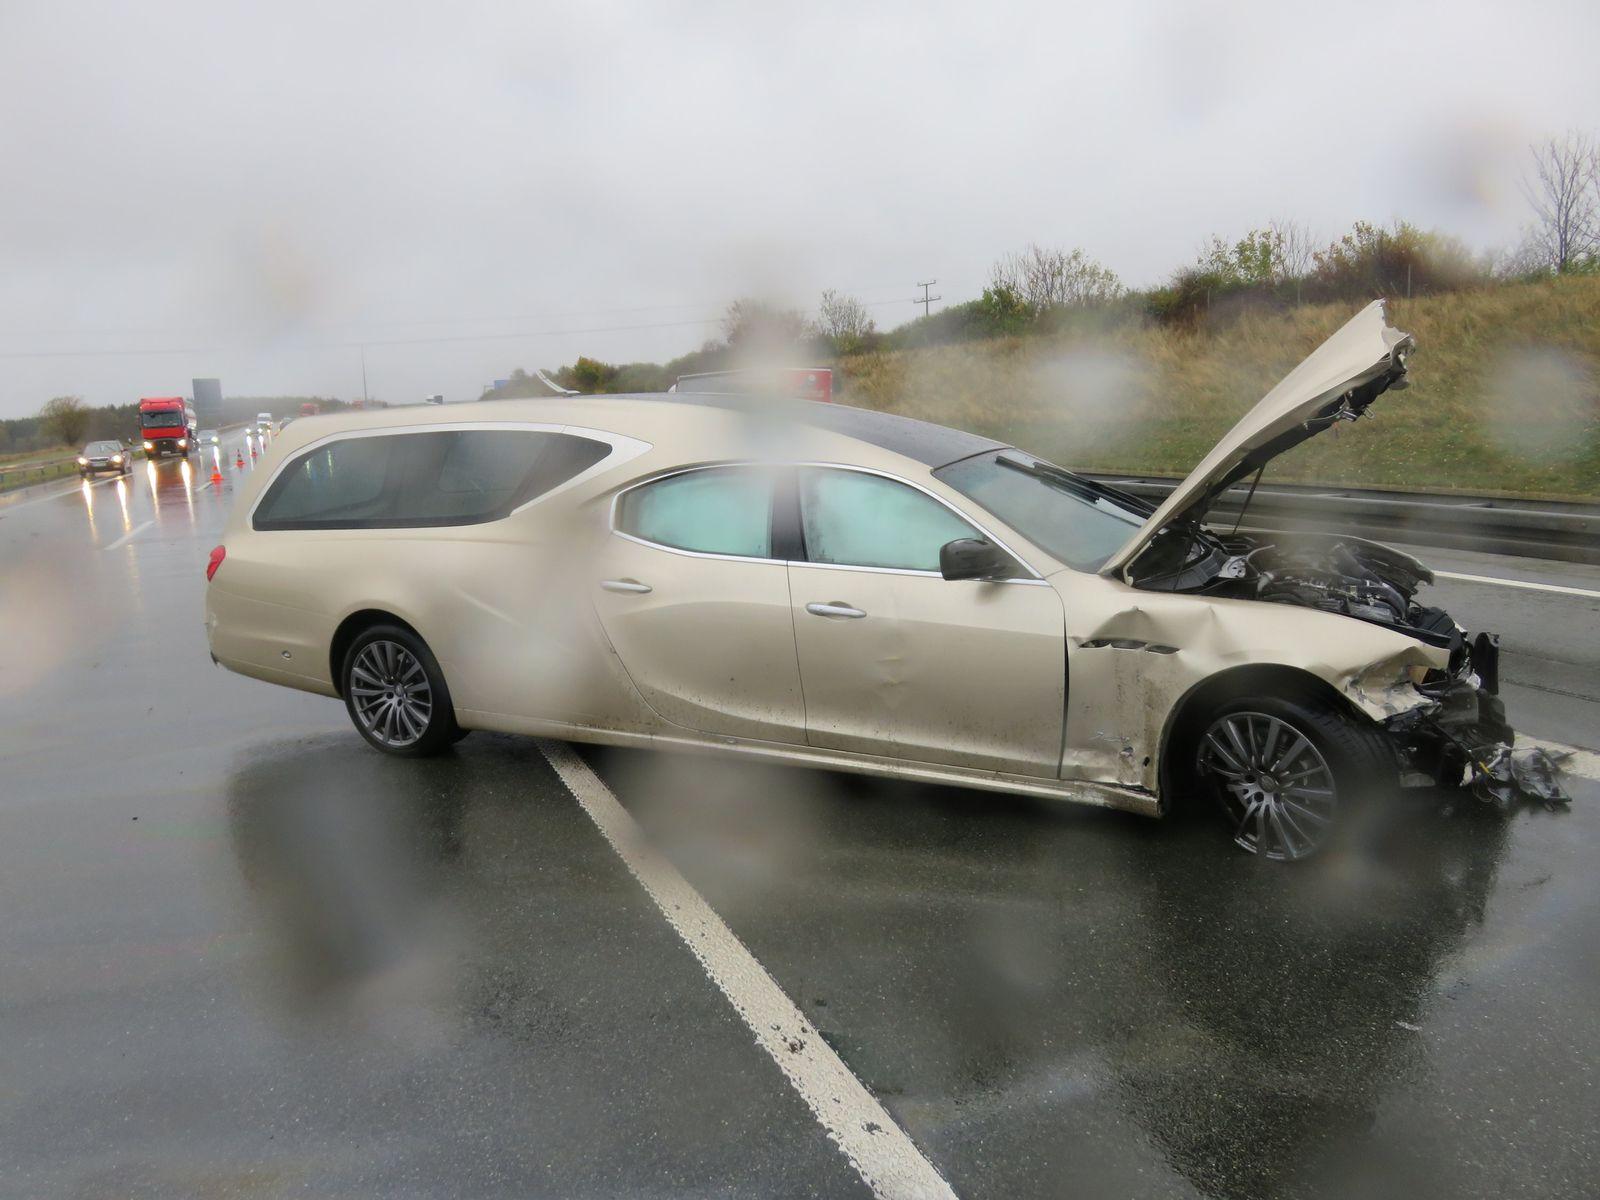 Maserati-Leichenwagen verunglückt auf Autobahn